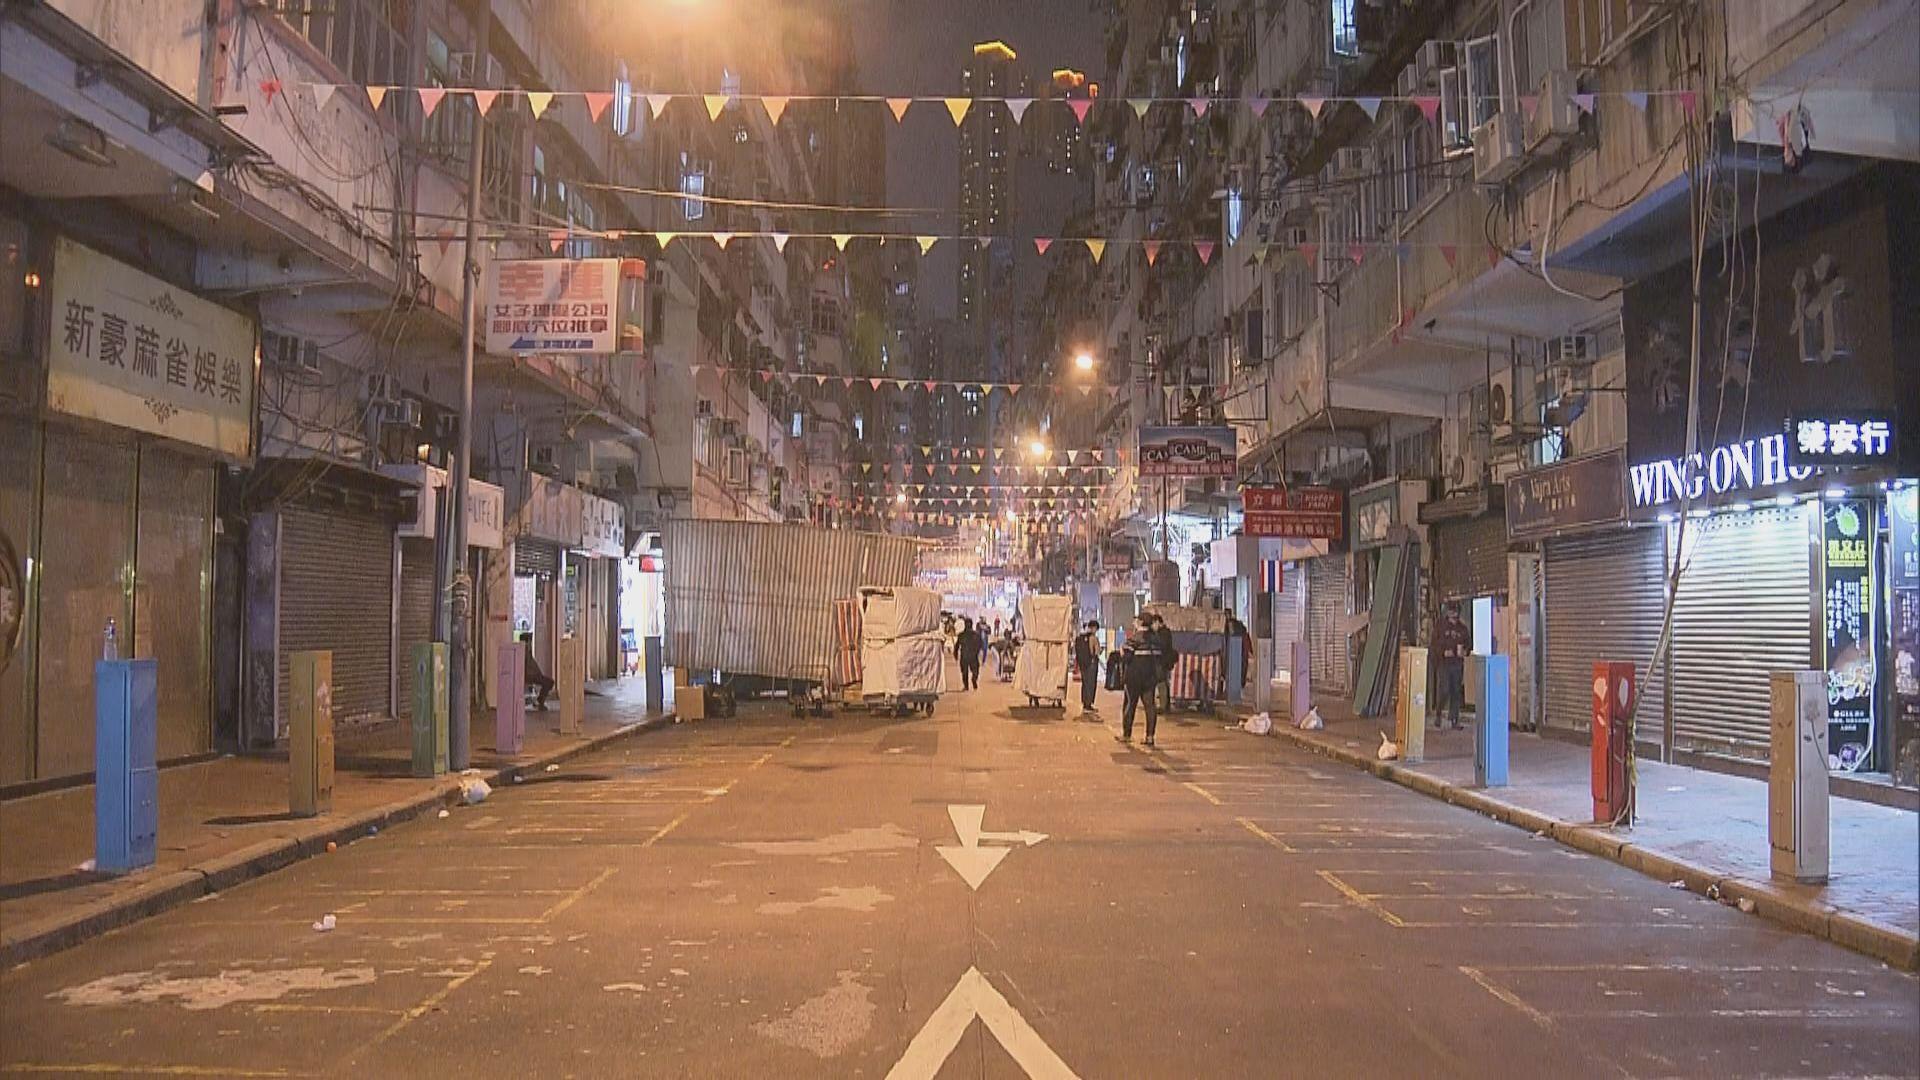 袁國勇:撤離金威廣場C單位居民以便詳細檢測喉管